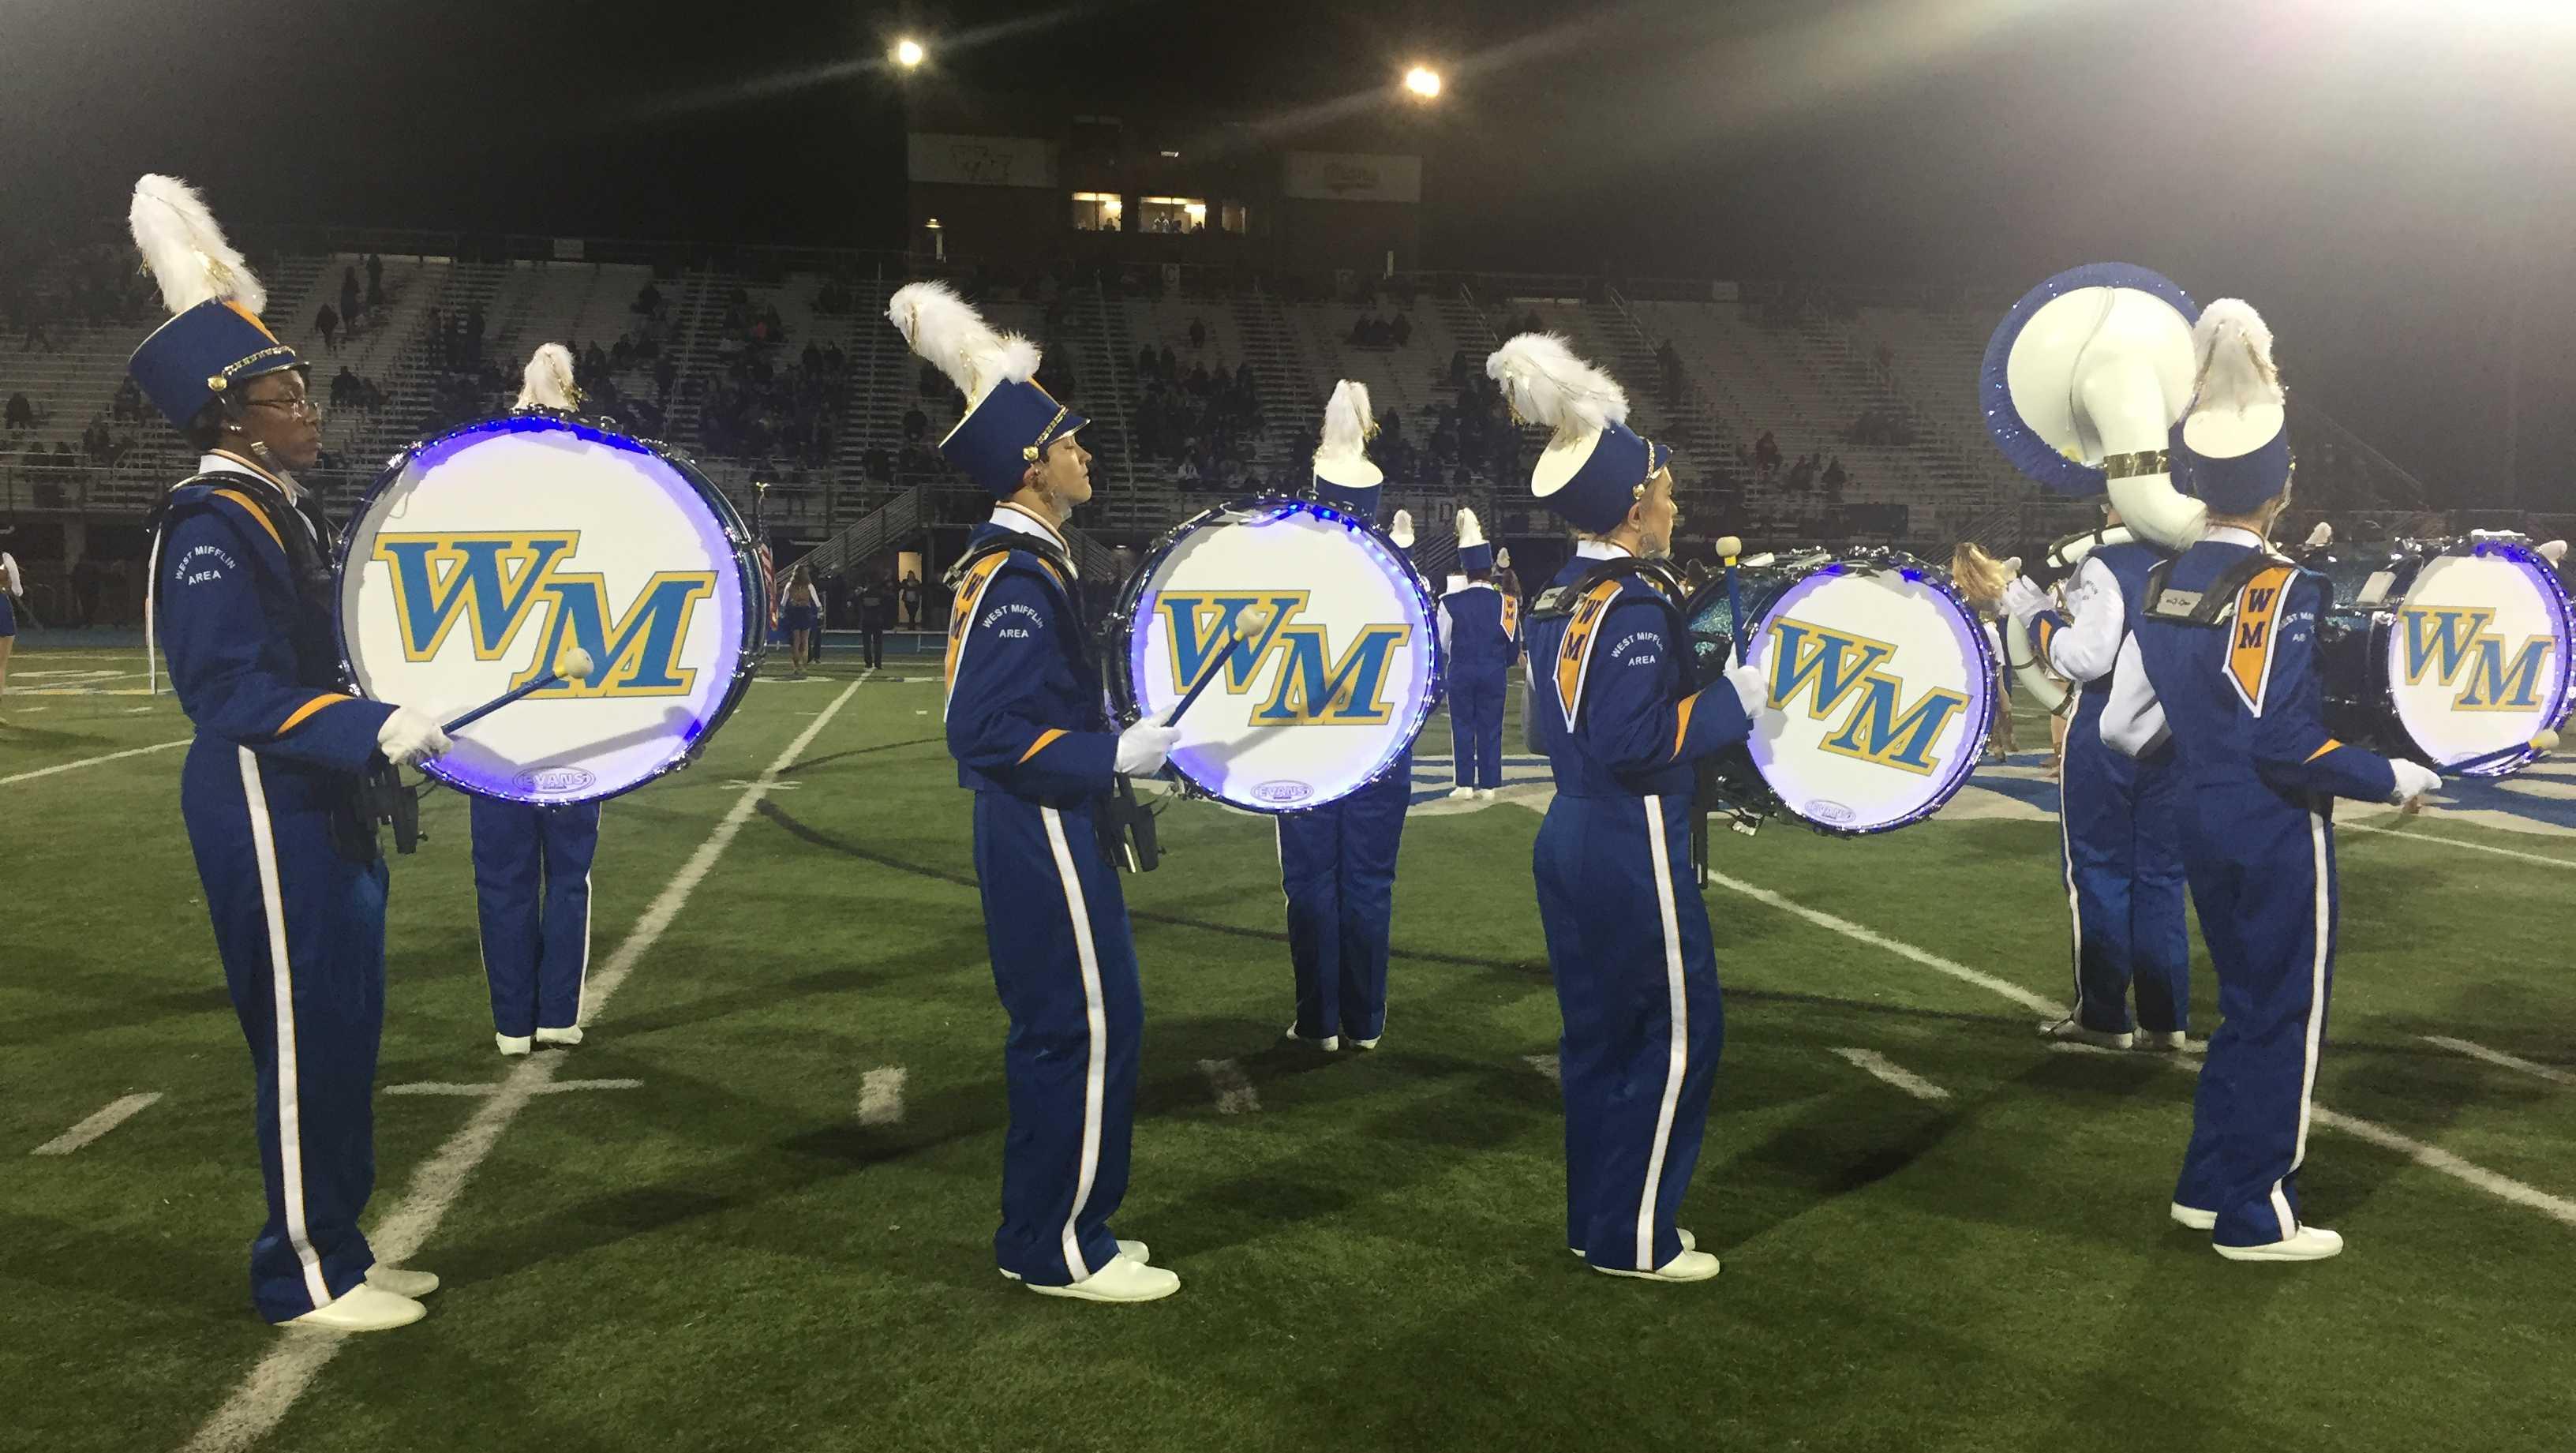 West Mifflin band